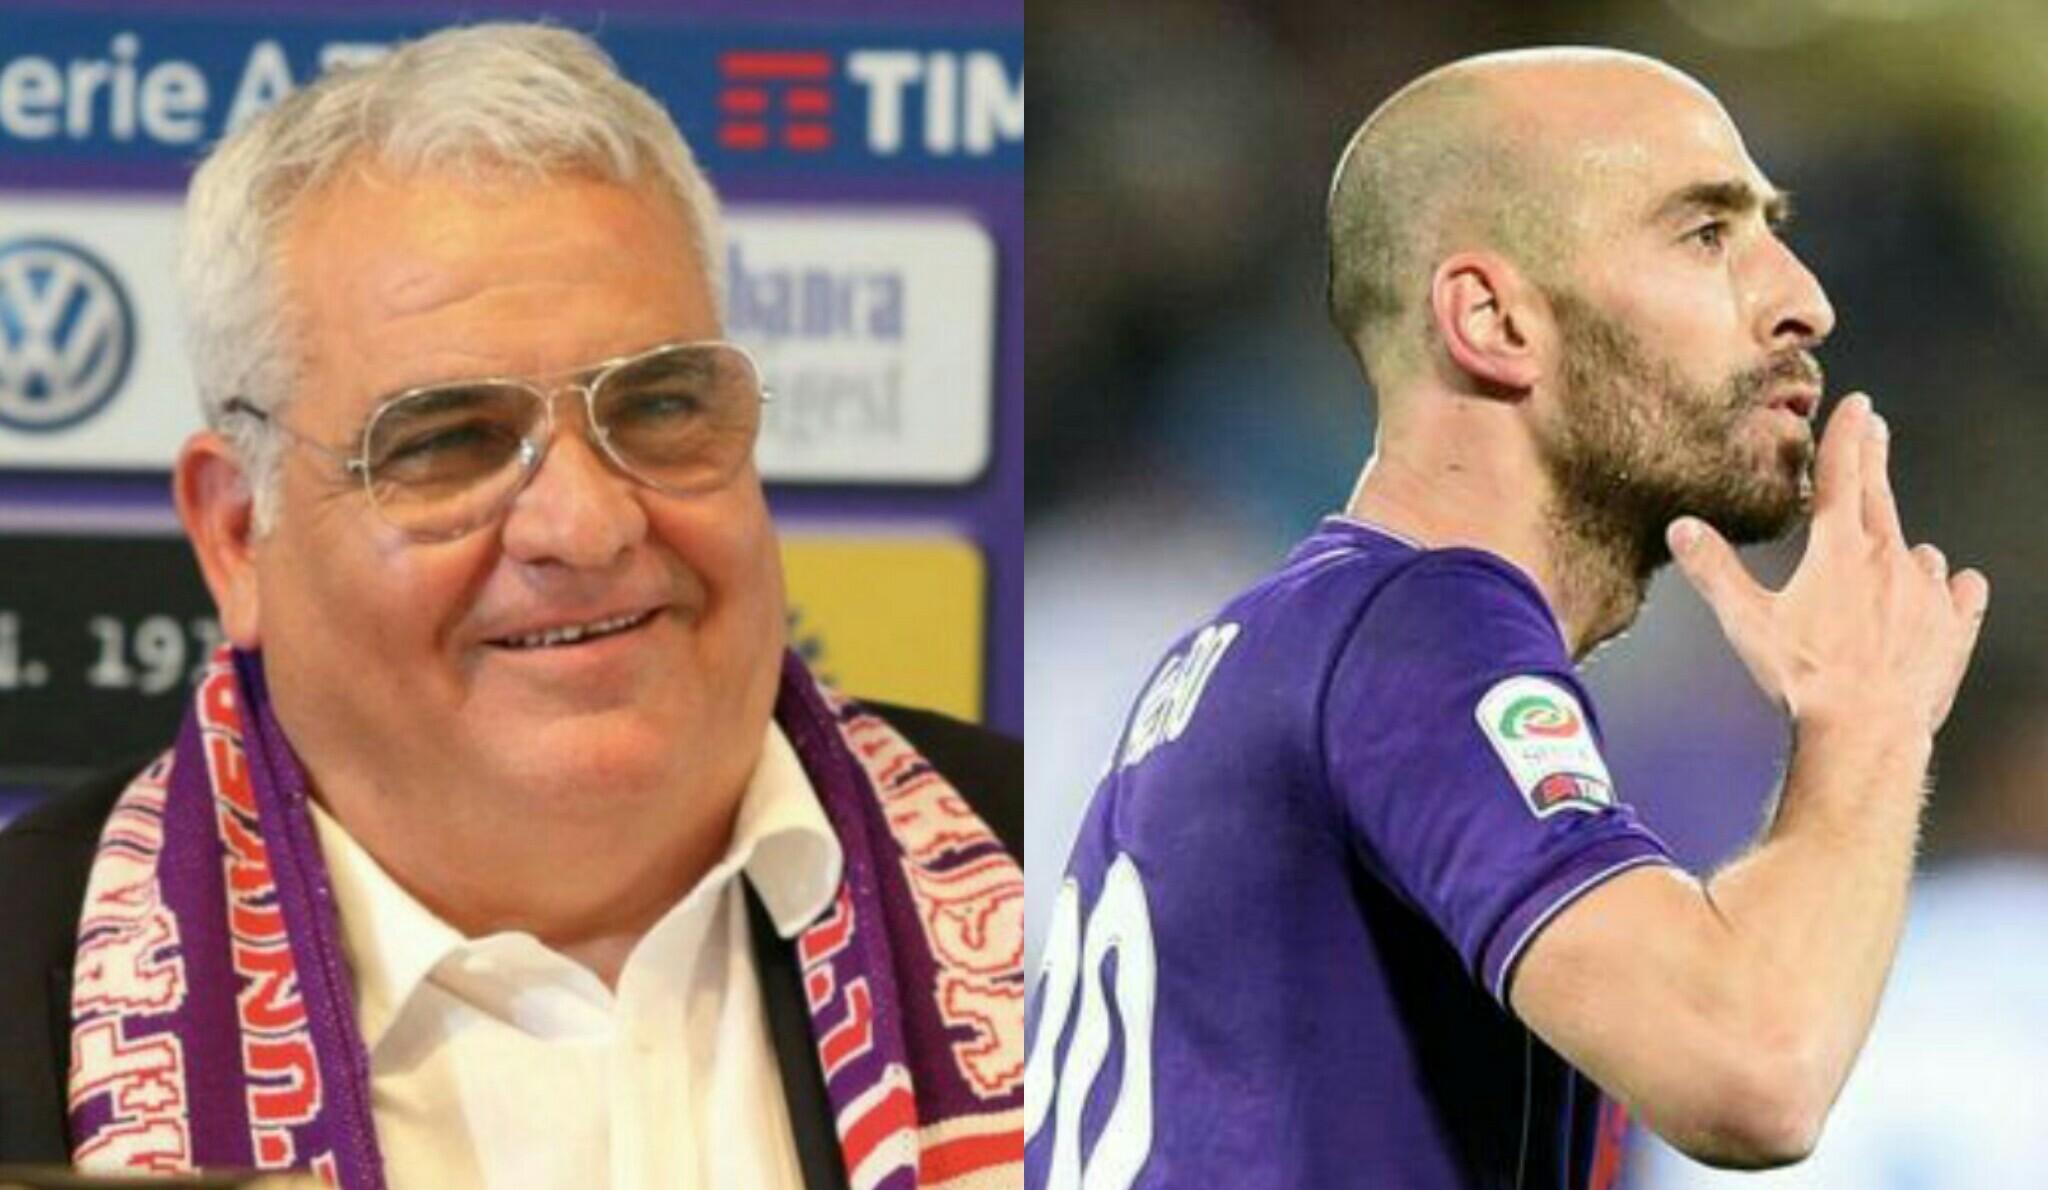 Borja dice no alla Fiorentina, non dirà che vuole andare via da Firenze. Cessione bloccata